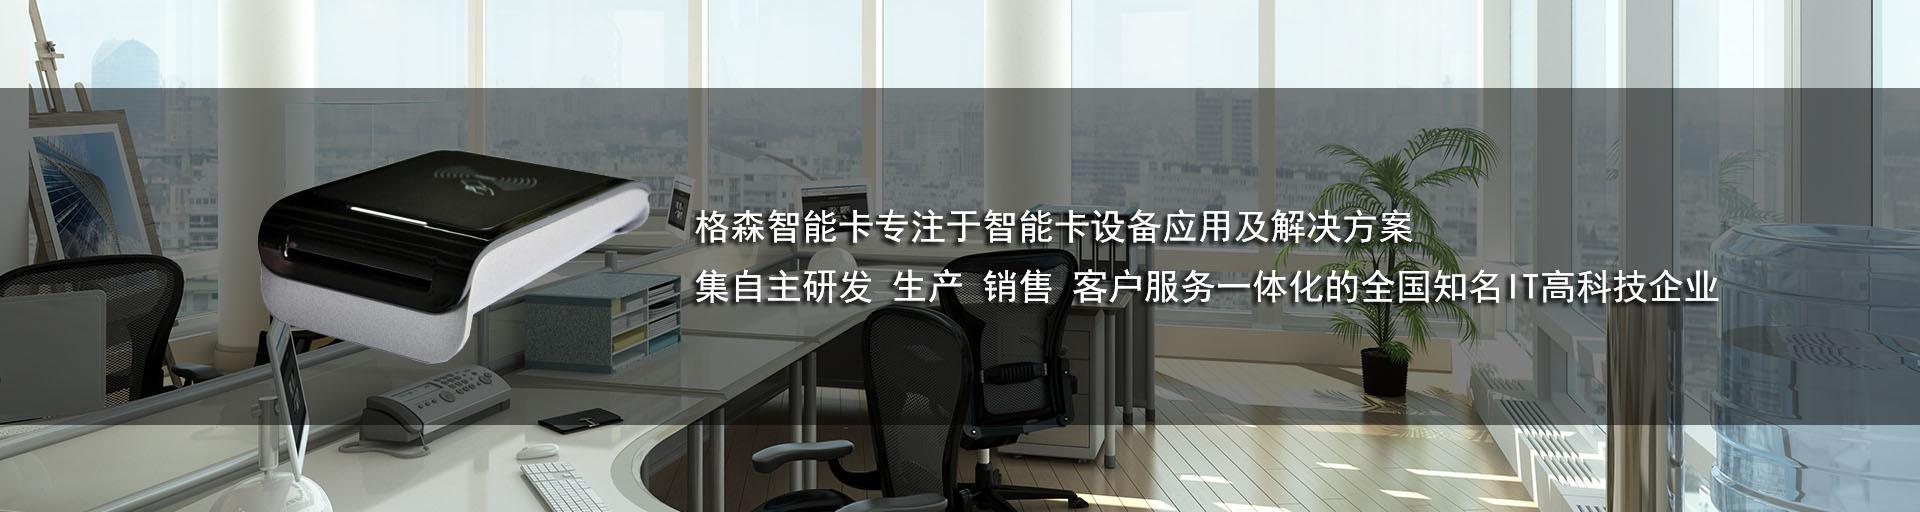 重庆IC卡